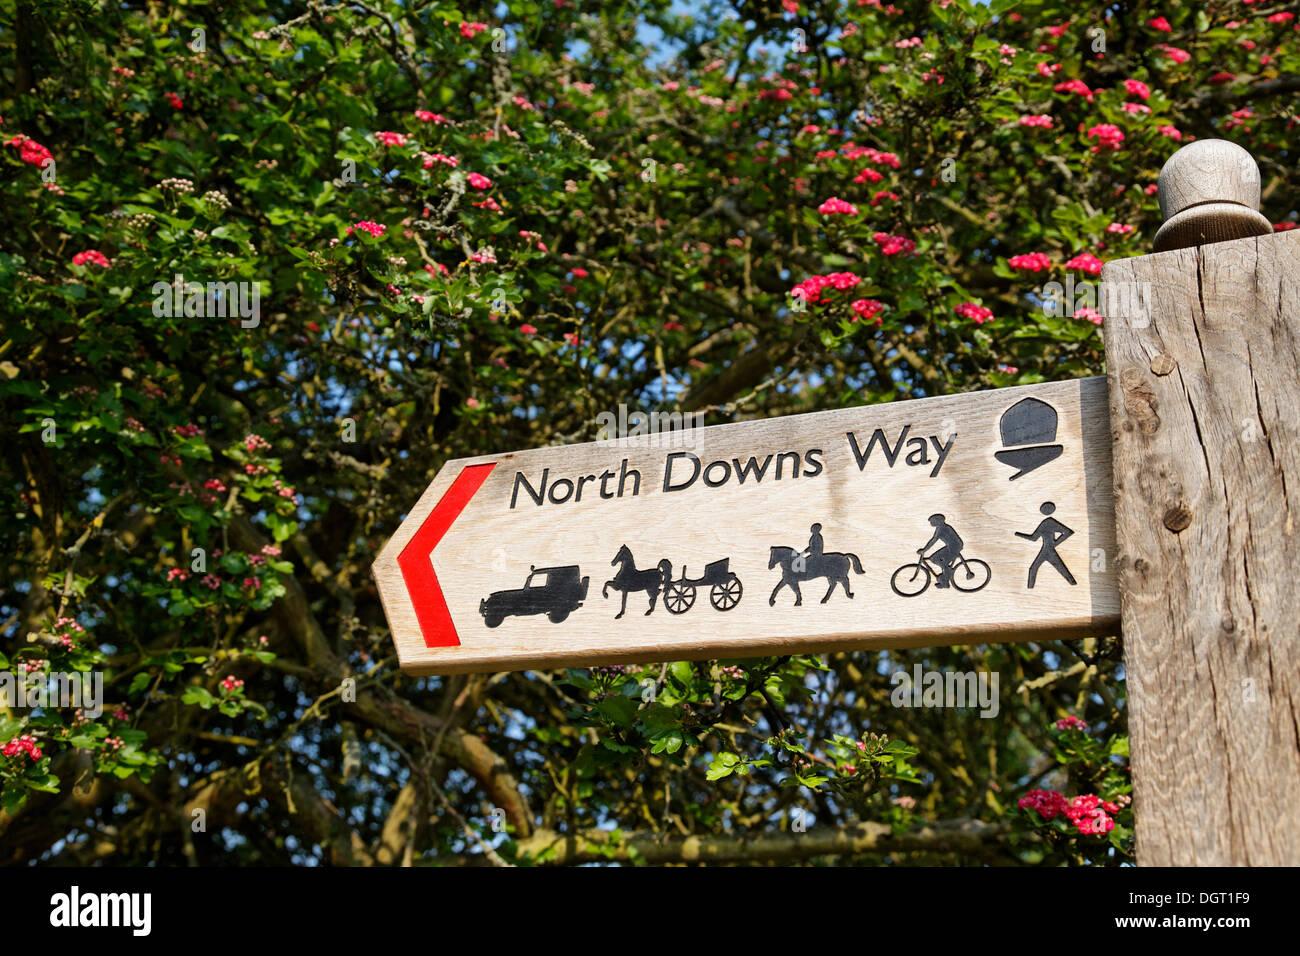 North Downs Way, starten des Weges in die Stadt, Via Francigena, Canterbury, Südostengland, administrative Grafschaft Kent Stockbild